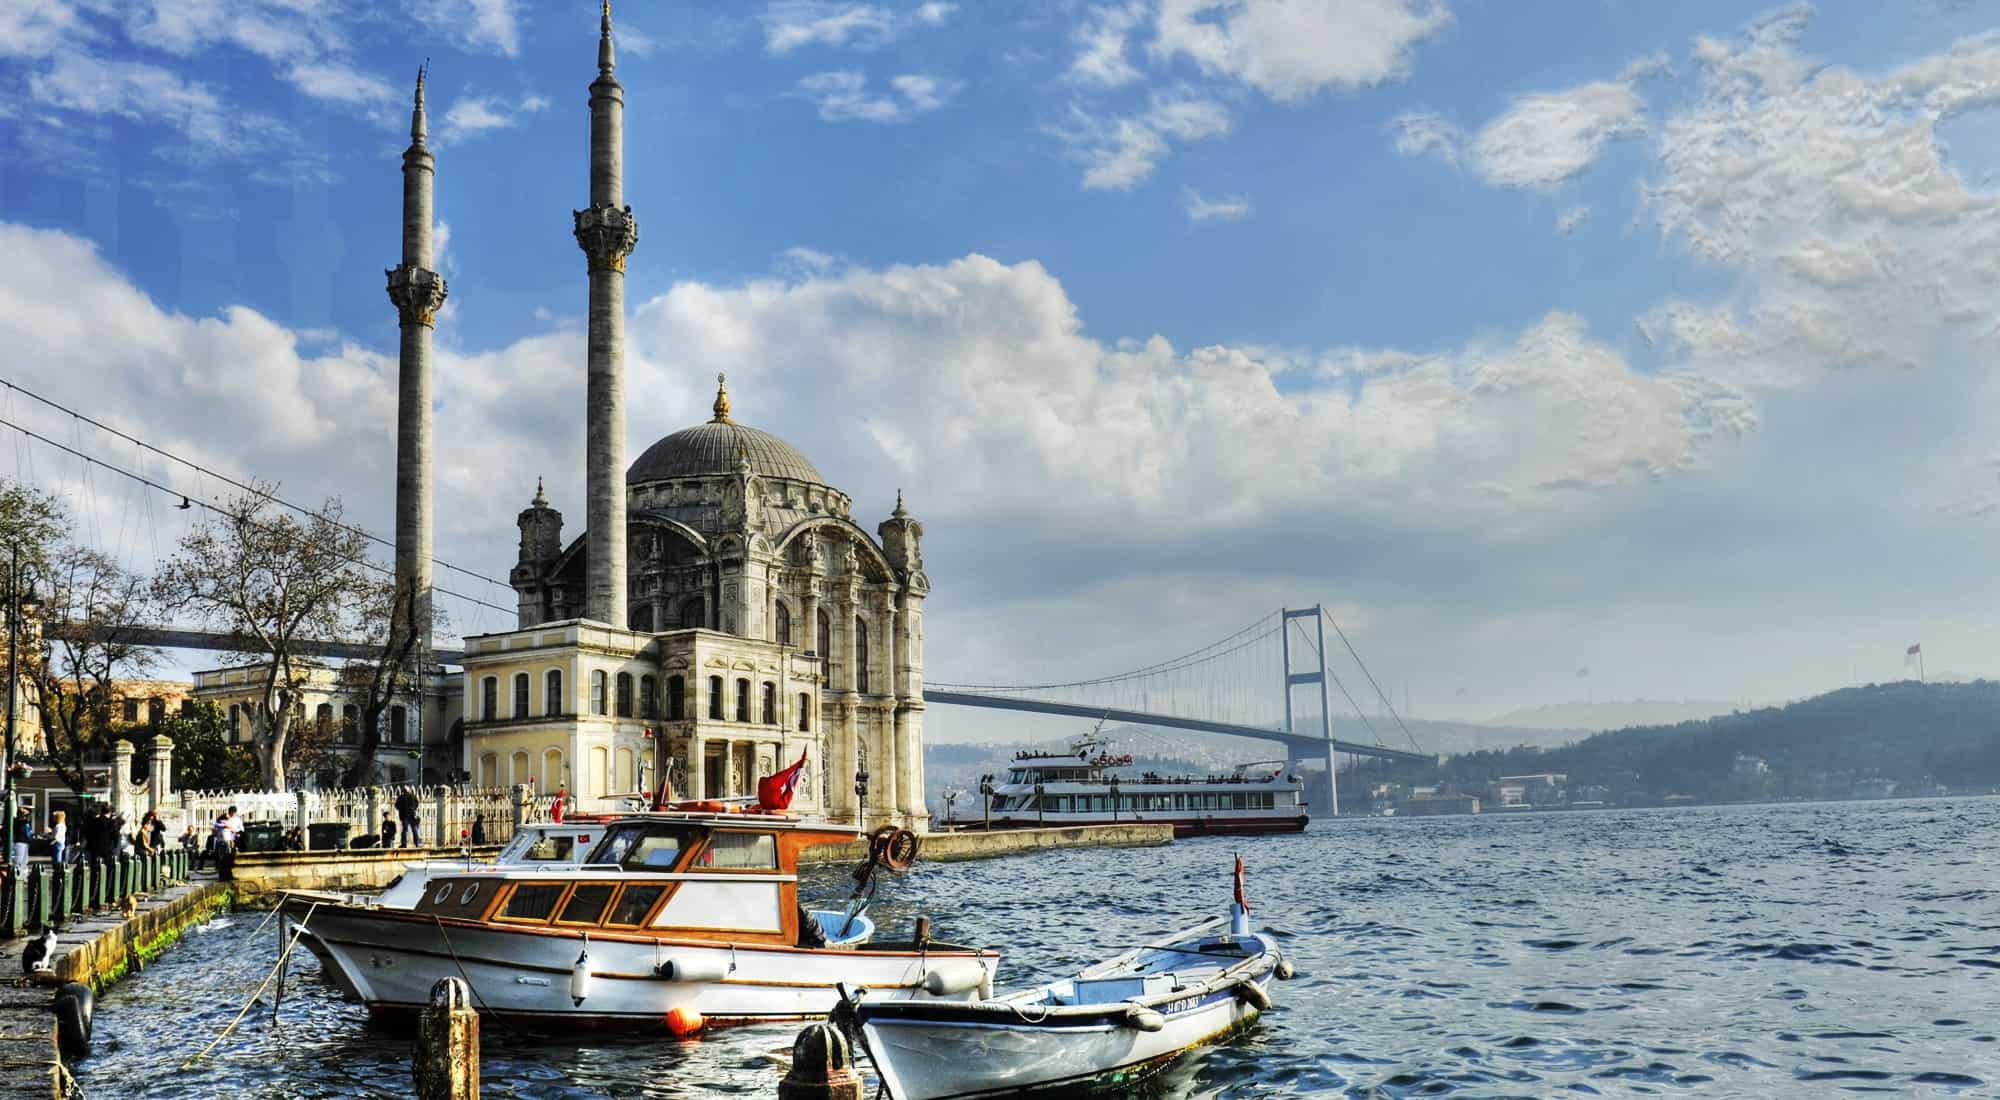 حجز فنادق رخيصة في إسطنبول